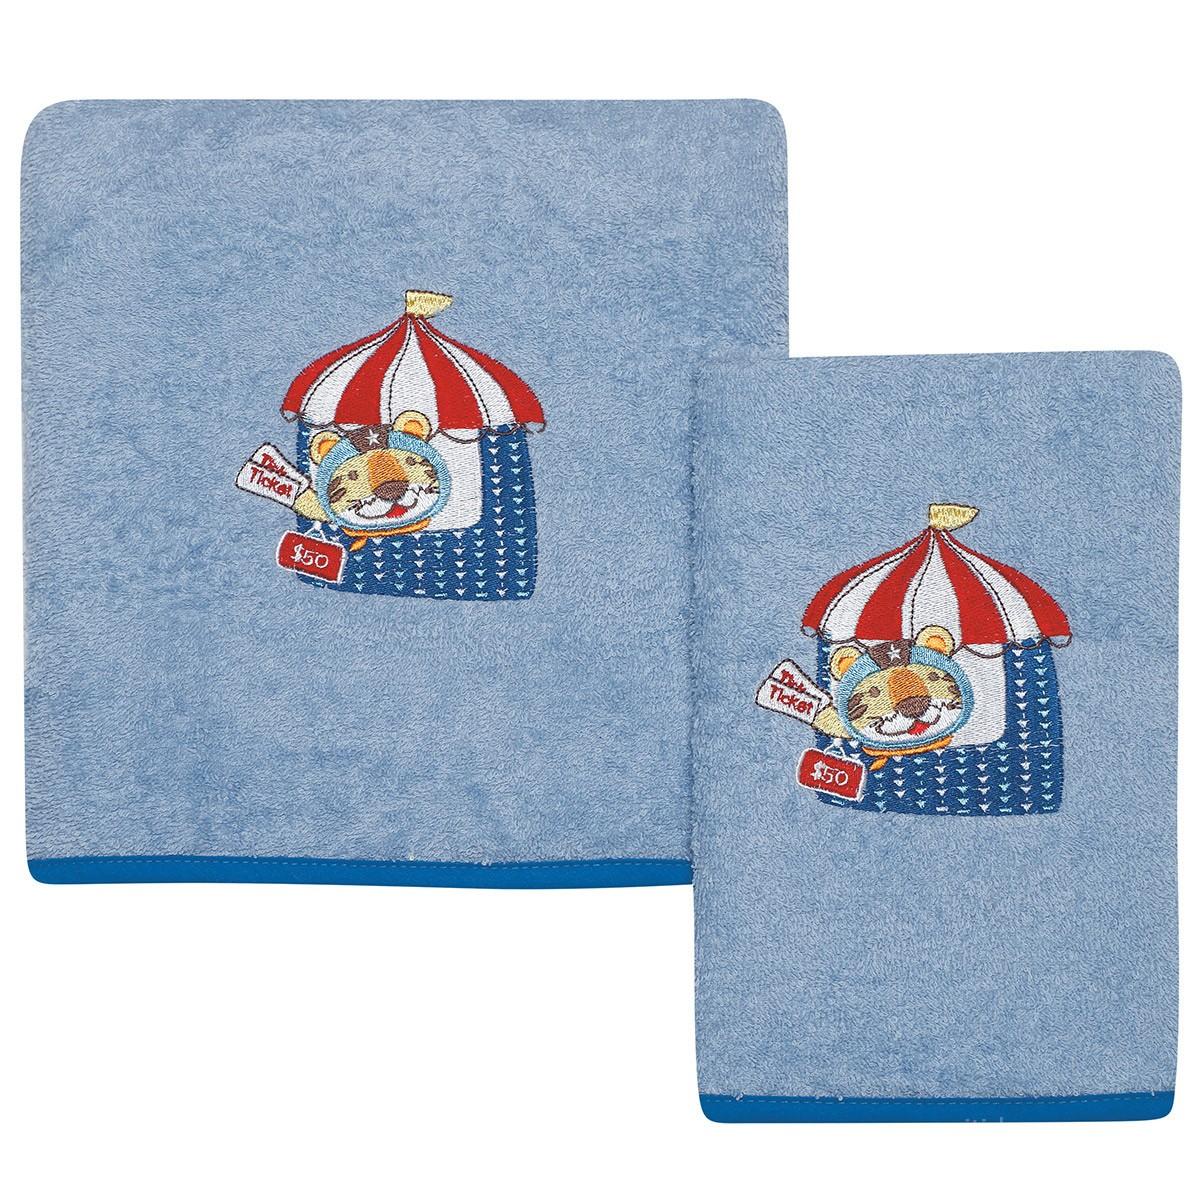 Βρεφικές Πετσέτες (Σετ 2τμχ) Das Home Smile 6456